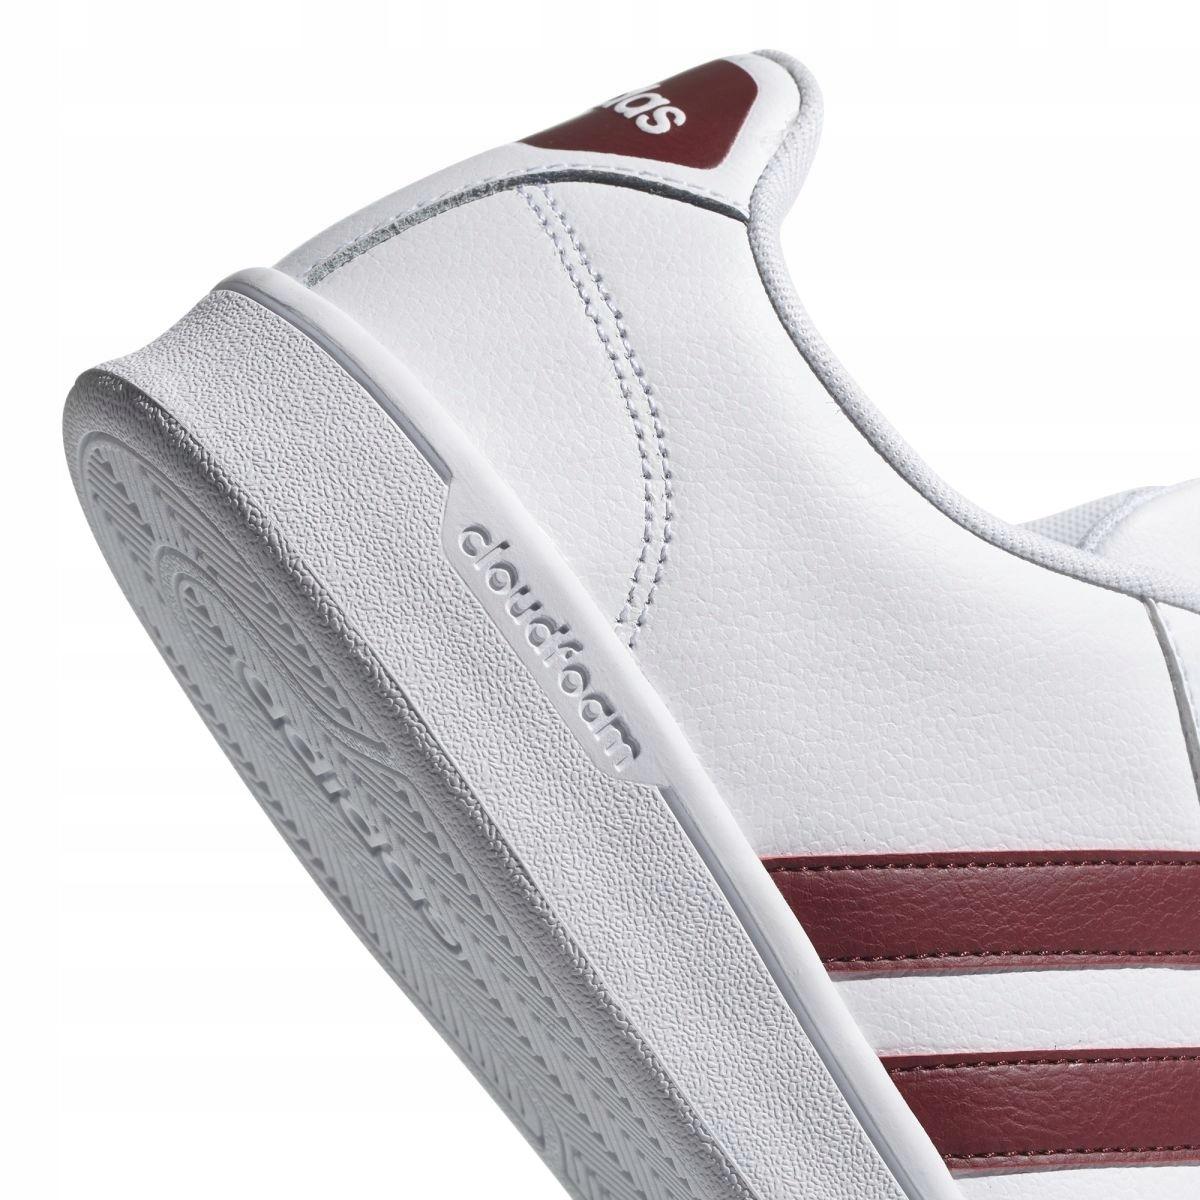 Buty adidas CF ADVANTAGE DA9636 r. 42 7479042956